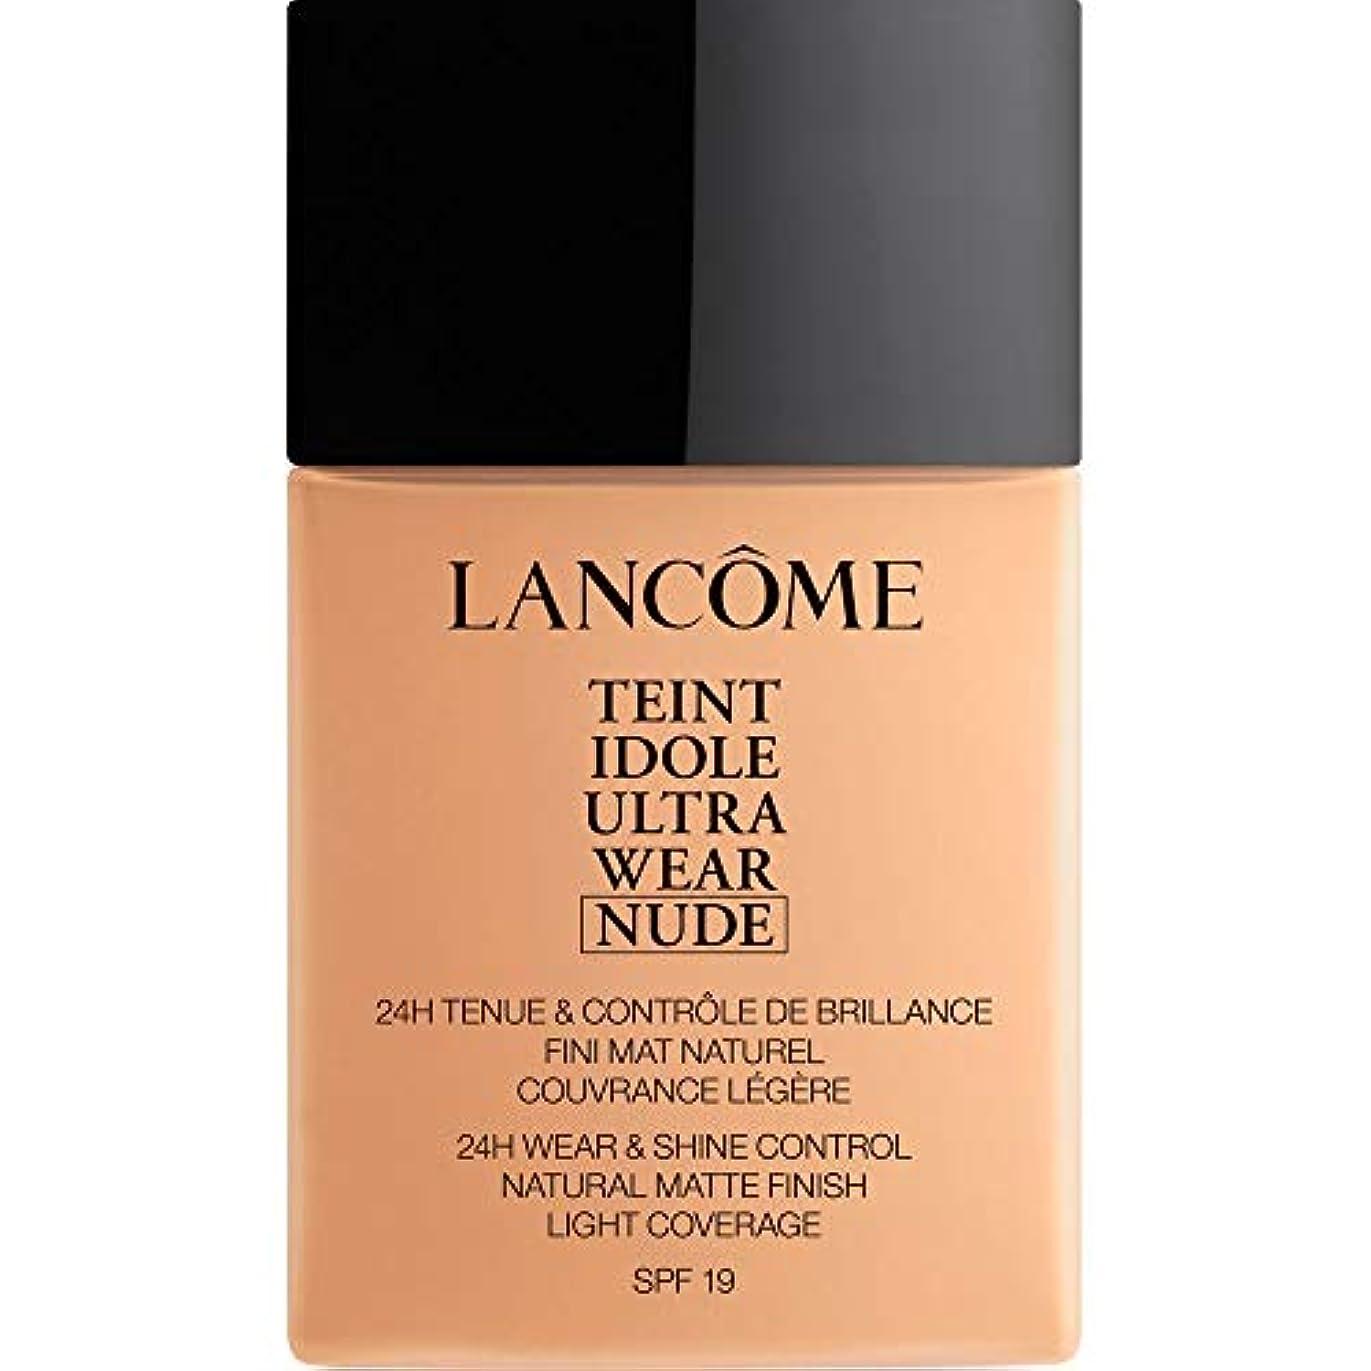 試す適用するさようなら[Lanc?me ] ランコムTeintのIdole超摩耗ヌード財団Spf19の40ミリリットル032 - ベージュCendre - Lancome Teint Idole Ultra Wear Nude Foundation...